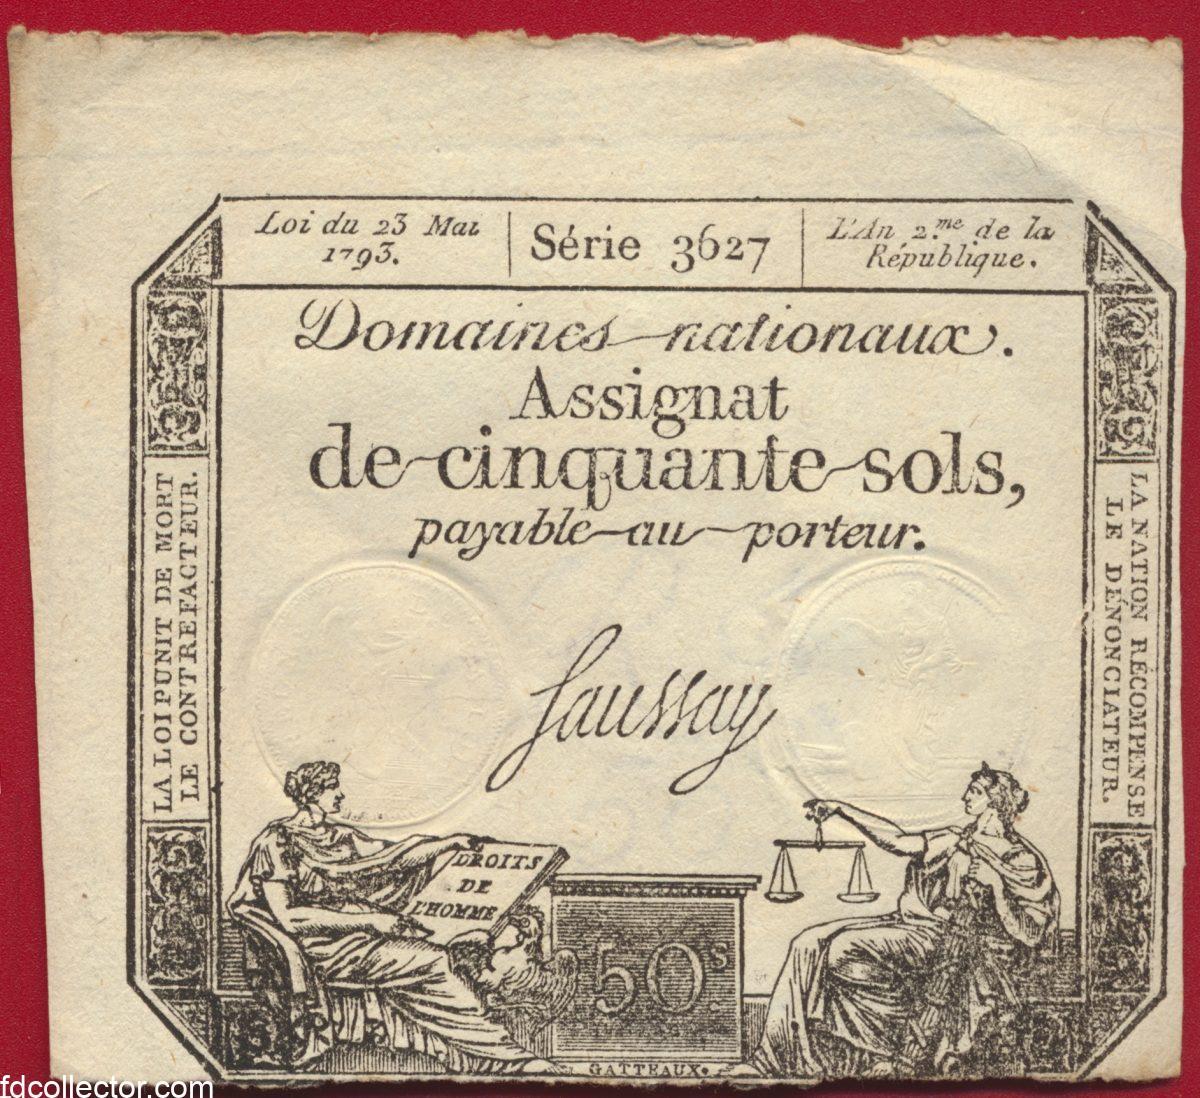 assignat-de-50-sols-23-mai-1793-serie-3627